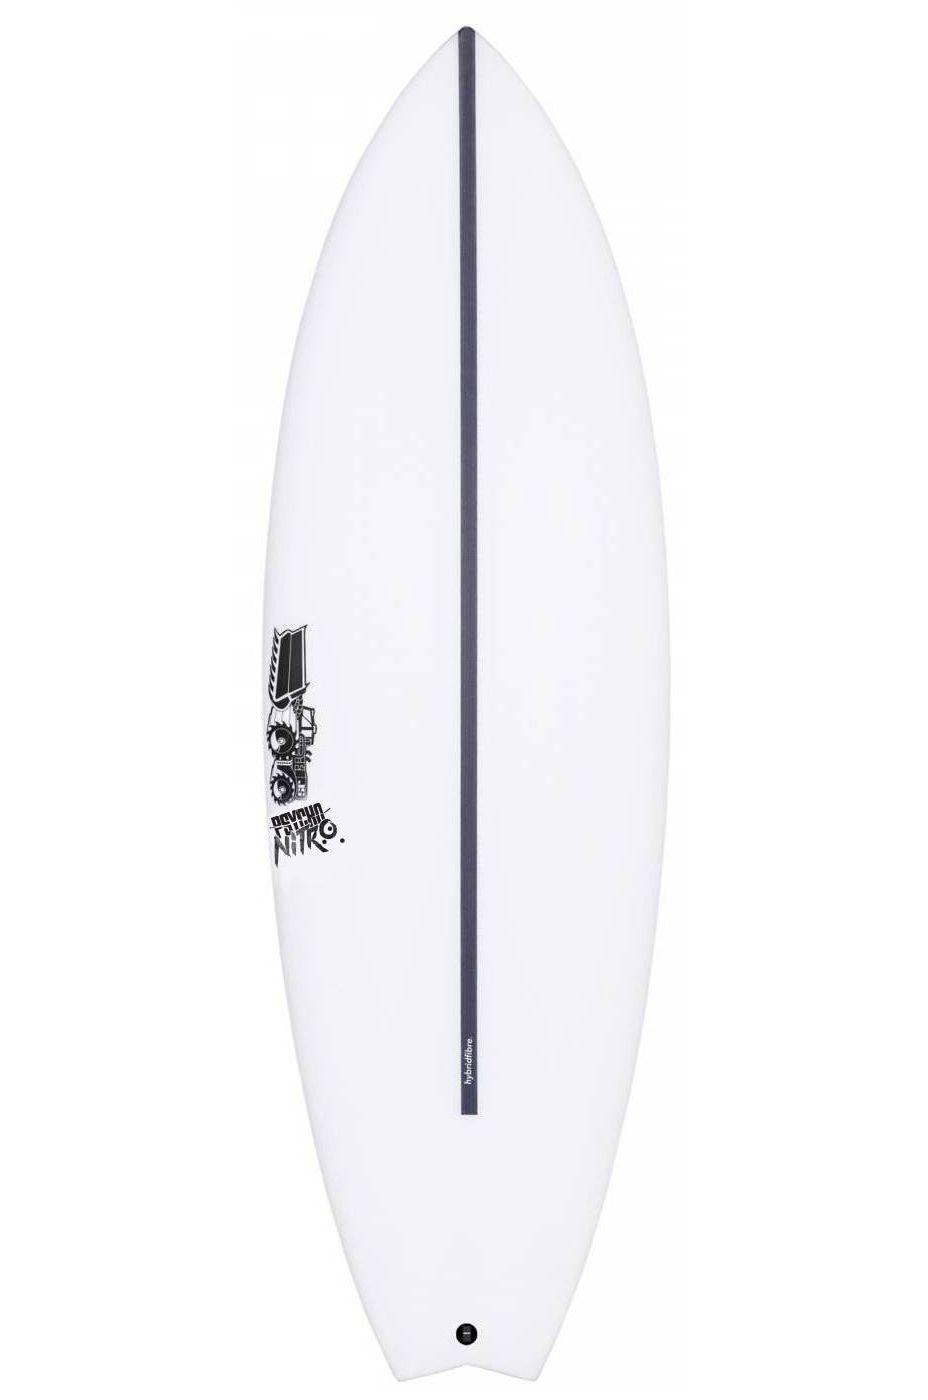 JS Surf Board 6'1 PSYCHO NITRO HYFI Swallow Tail - White FCS II Multisystem 6ft1